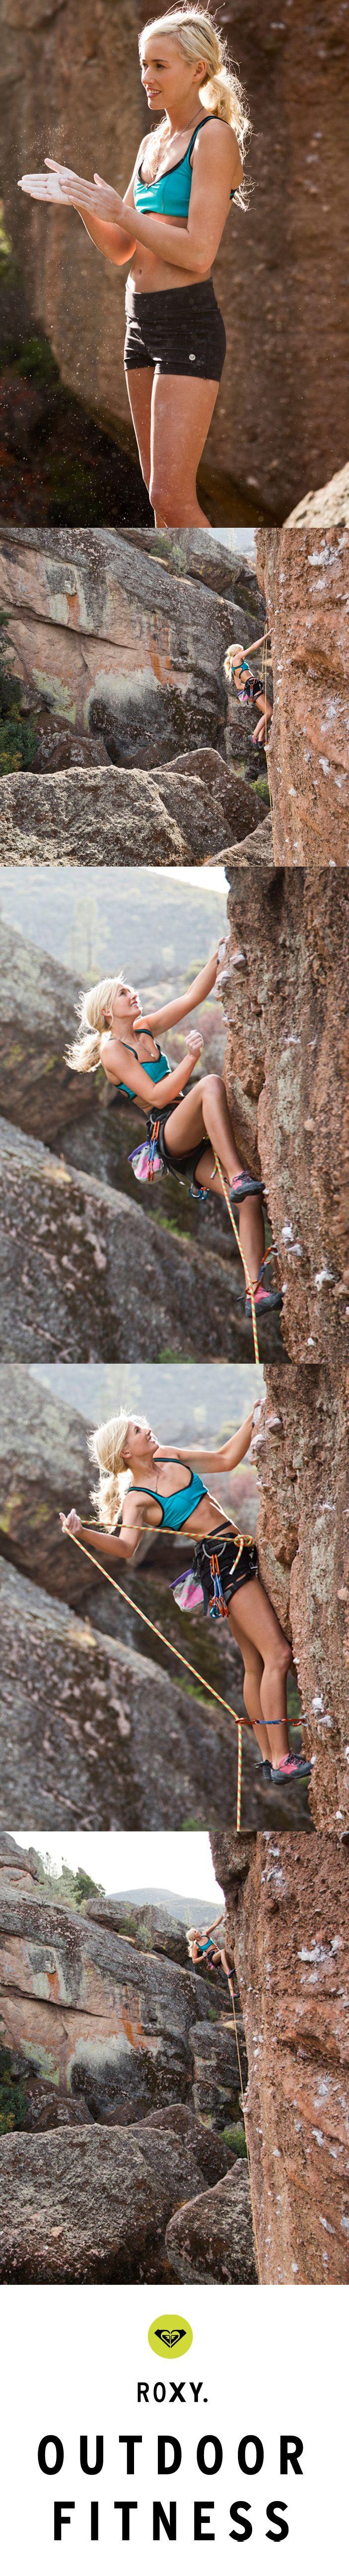 Sierra climbing a technical face in #ROXYOutdoorFitness Sporty Top Sports Bra & Spike Shorts